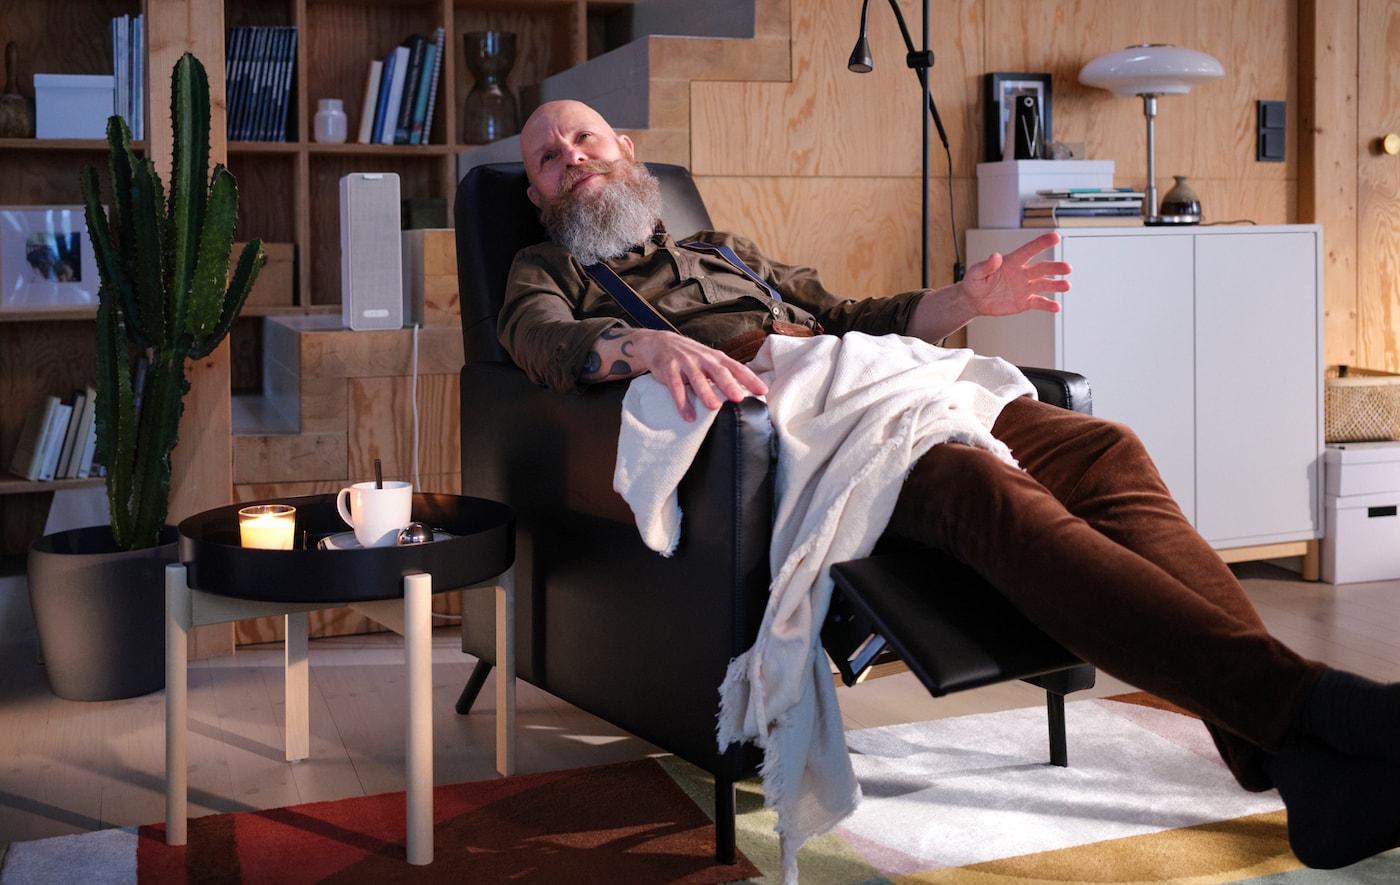 Un homme est installé confortablement dans un fauteuil confort GISTAD. Il est couvert d'un plaid et écoute de la musique sur une enceinte WiFi SYMFONISK posée sur les escaliers derrière lui.